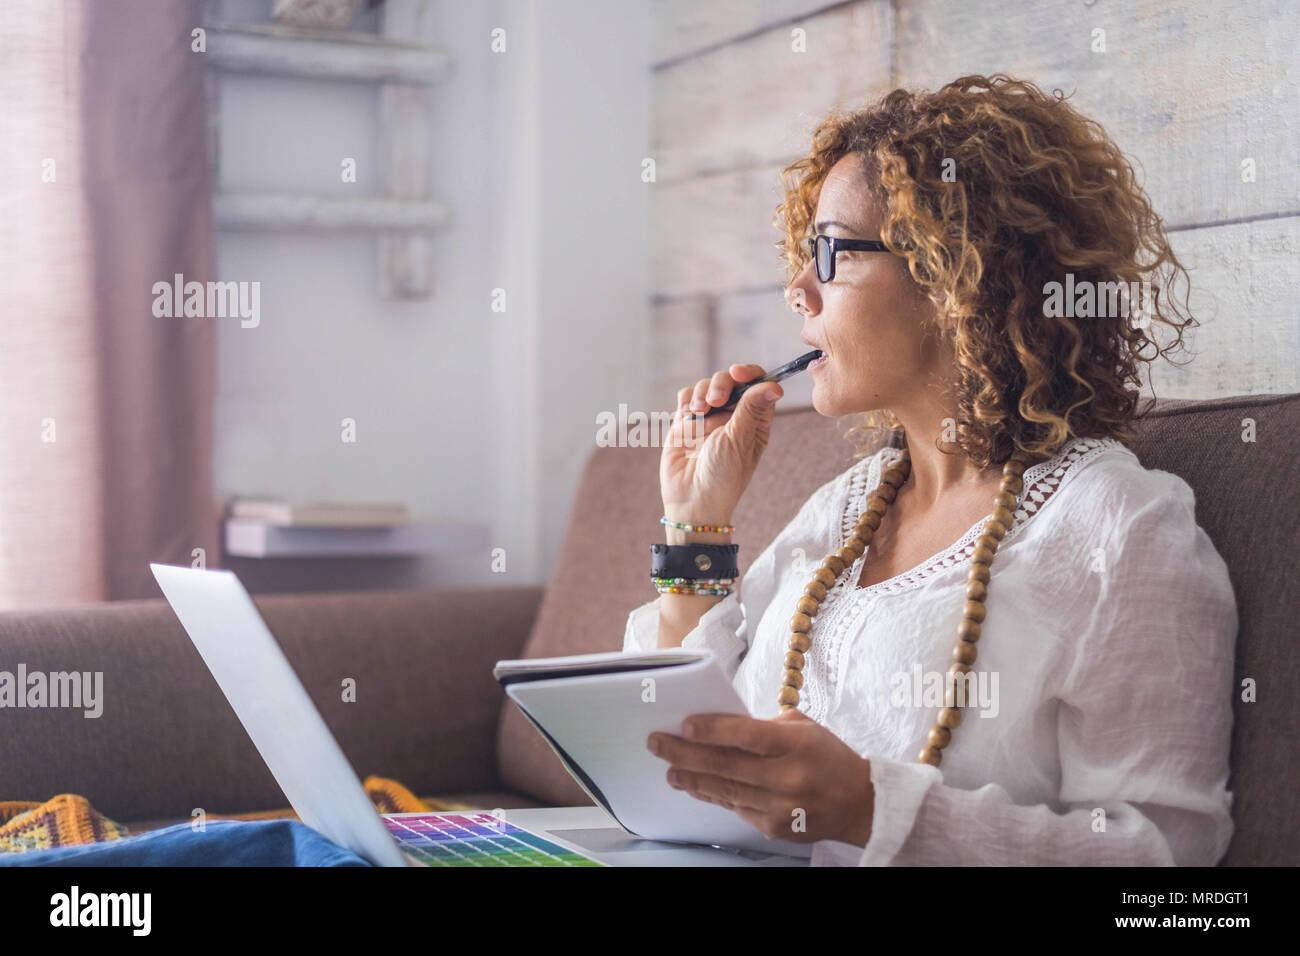 Belle femme penser et écrire des notes sur papier travaillant sur un ordinateur portable la liberté d'office à la maison. style de vie et le lieu de travail. La vie de Nice Photo Stock